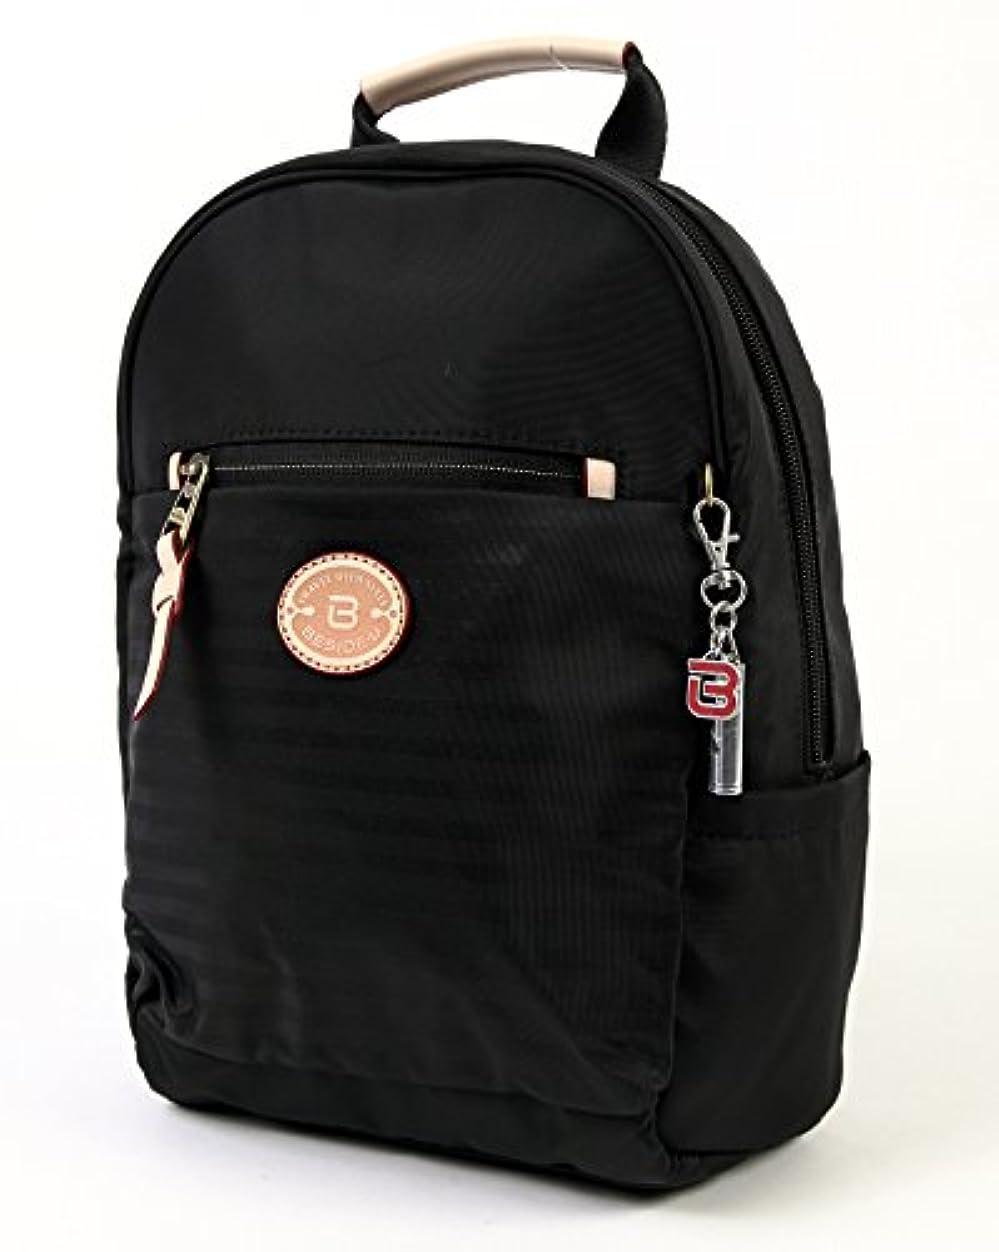 煙化合物色合いリュックサック 小型 コンパクト レディース 軽量370グラム 光沢が綺麗な スキミング防止機能付き、  BKS-19 ポケット たくさん バッグ パソコンバッグ レディス 通勤 海外旅行 シ バックパック